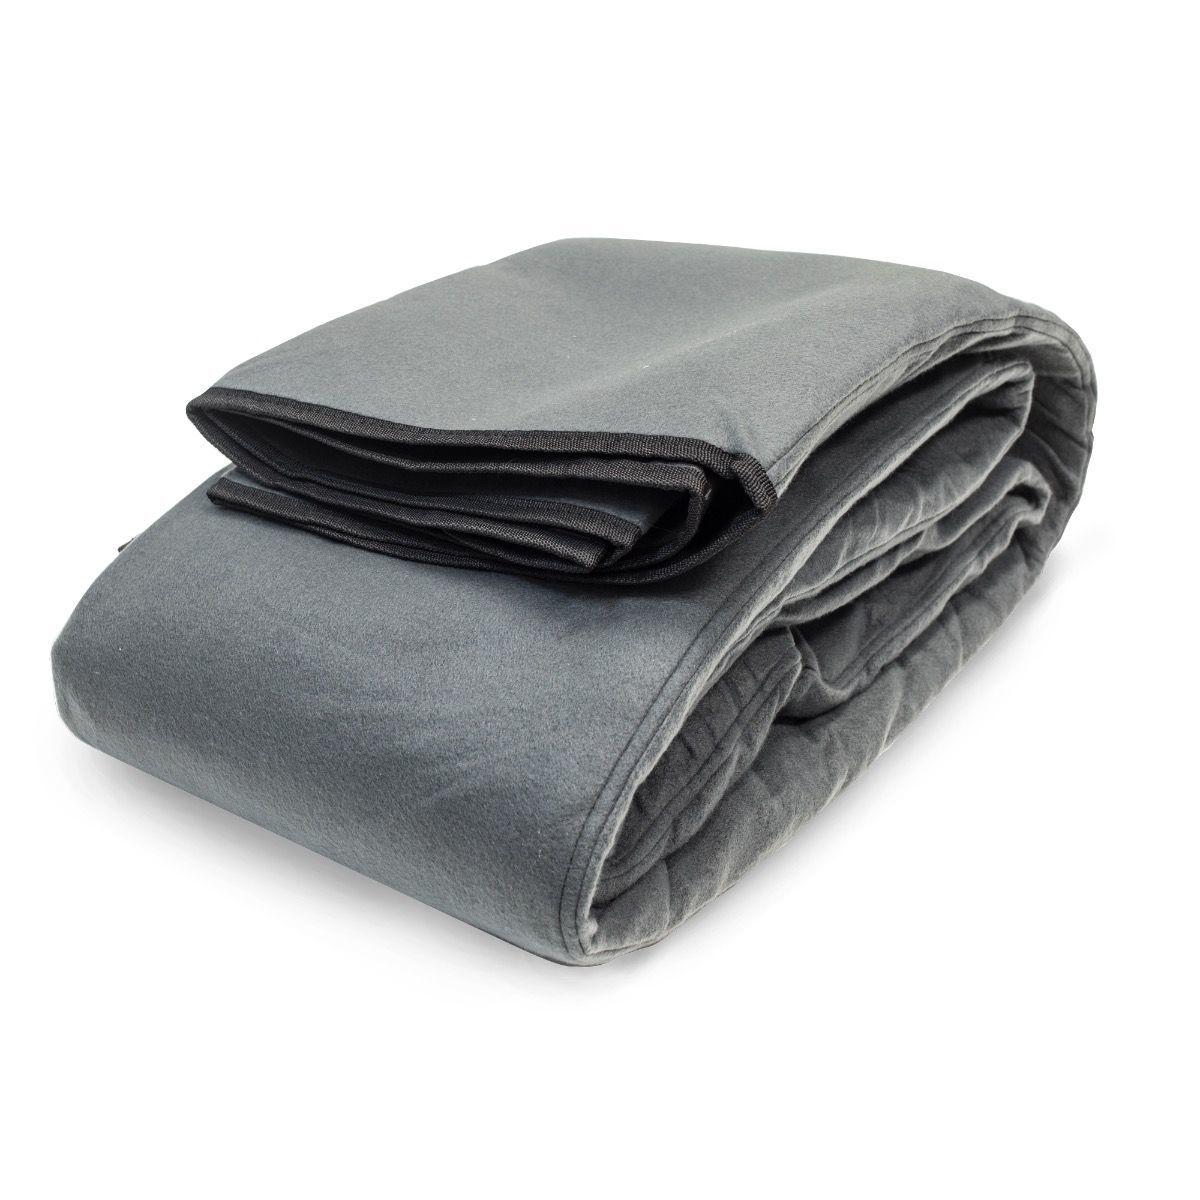 Aero Tm Carpet